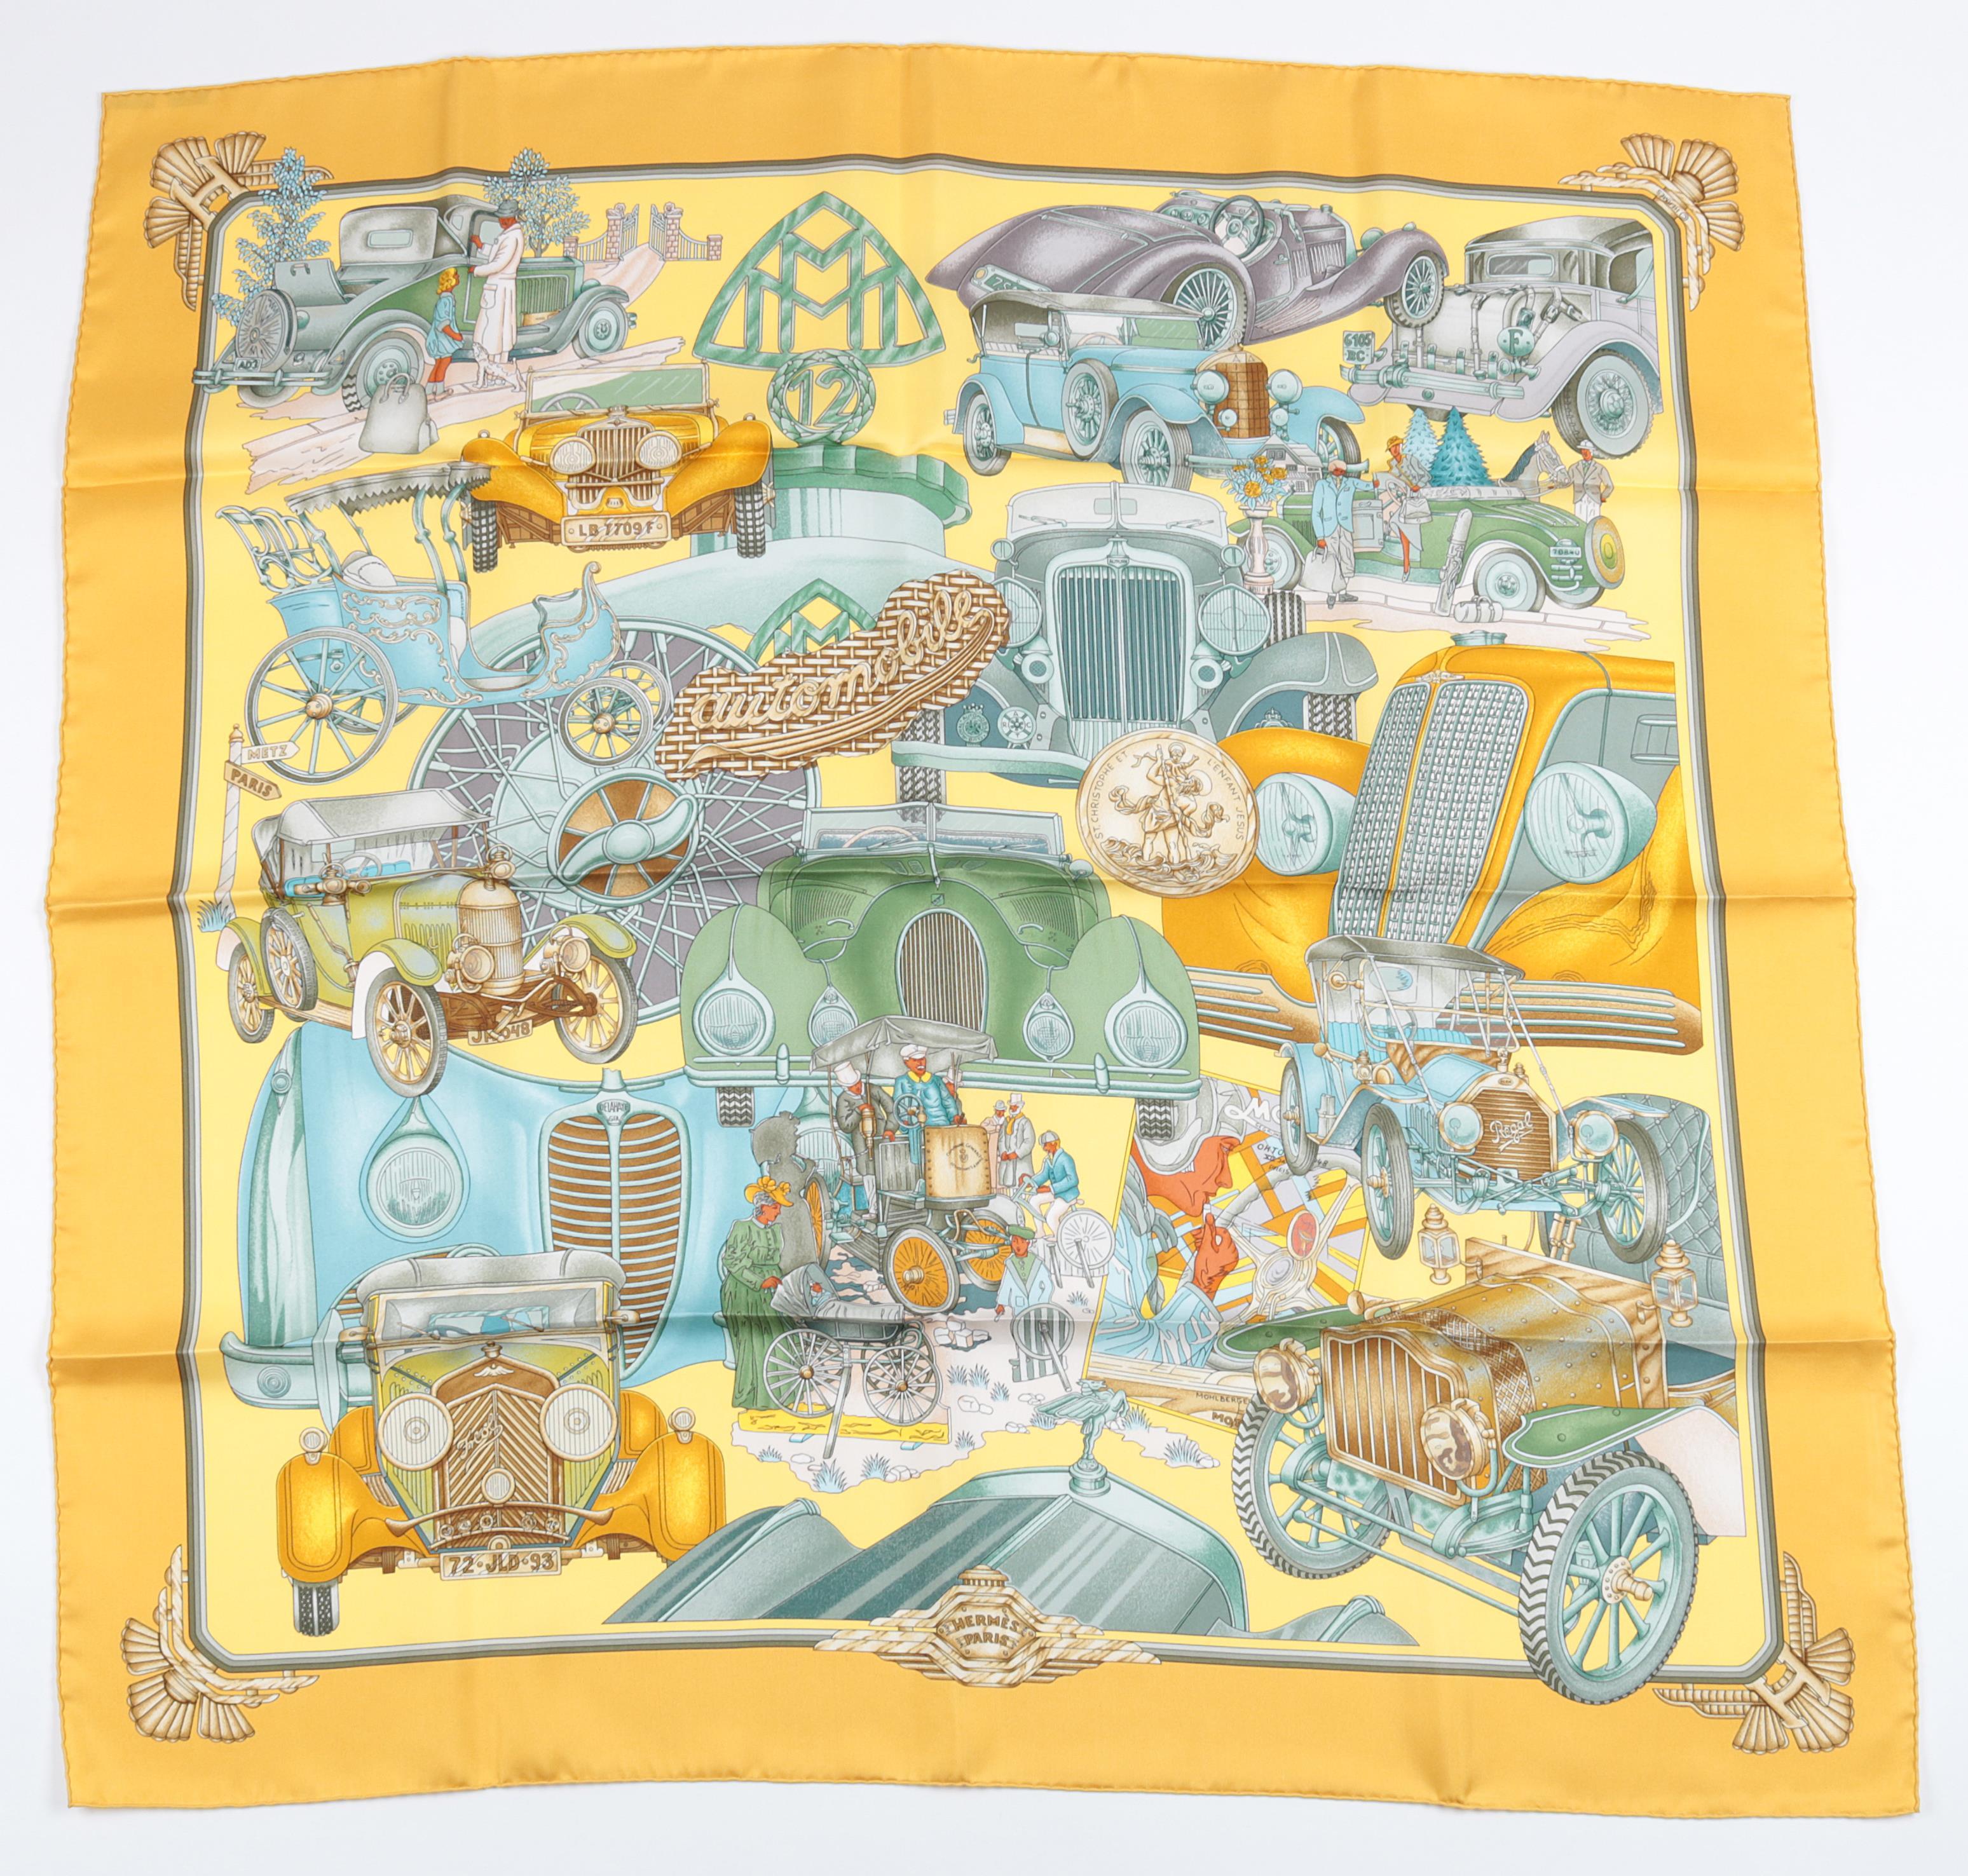 """Hermès Schultertuch """"Automobile"""", Entwurf Joachim Metz 1996, verschiedene Automobile in Blau, Grün und Gelbtönen auf gelbem Fond, rollierter Saum, ca. 89 x 89 cm, Startpreis € 180"""